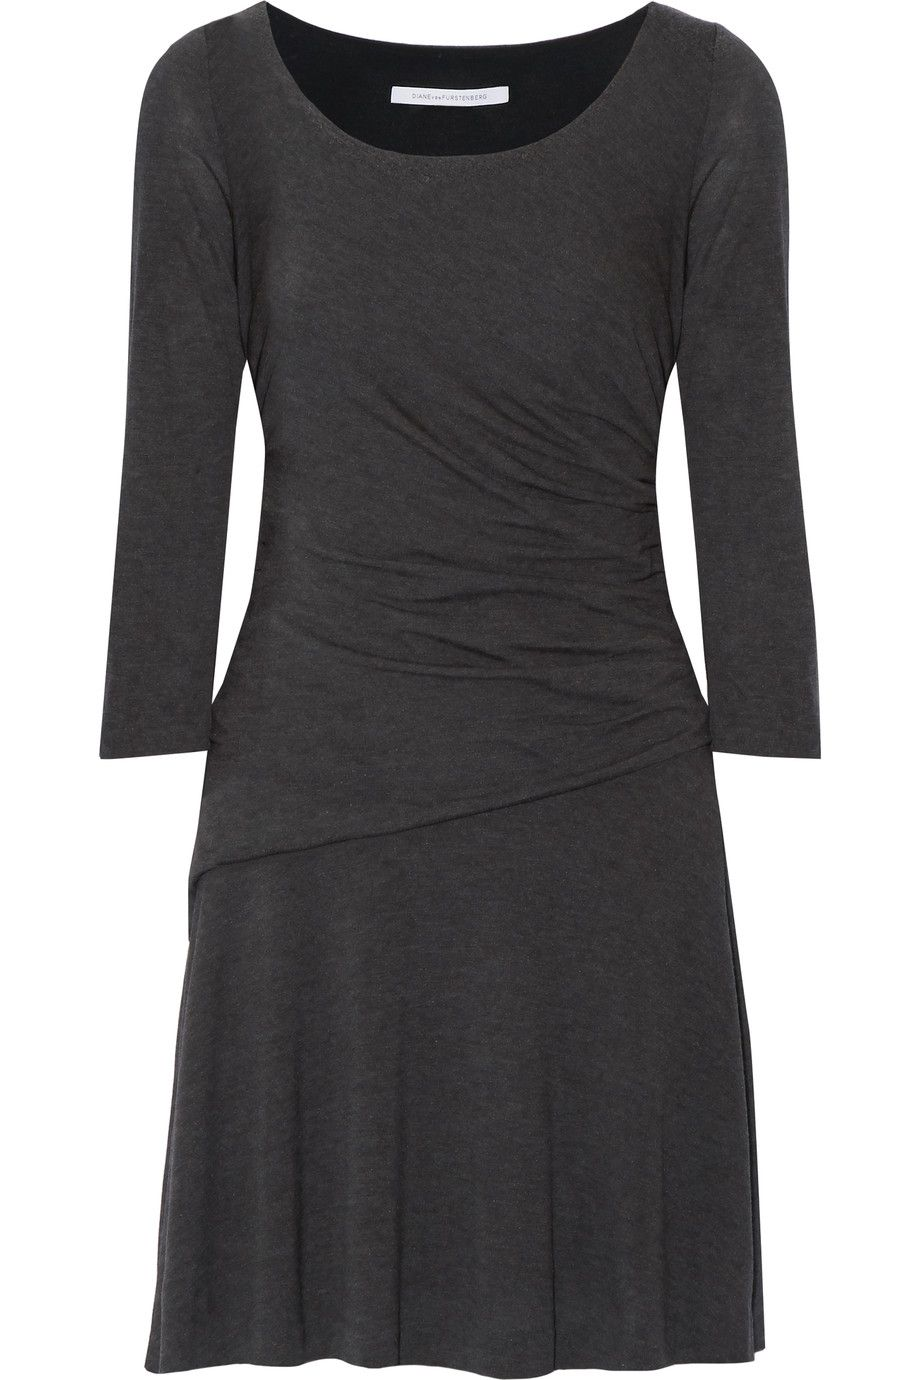 DIANE VON FURSTENBERG Nerissa Gathered Stretch-Jersey Dress. #dianevonfurstenberg #cloth #dress